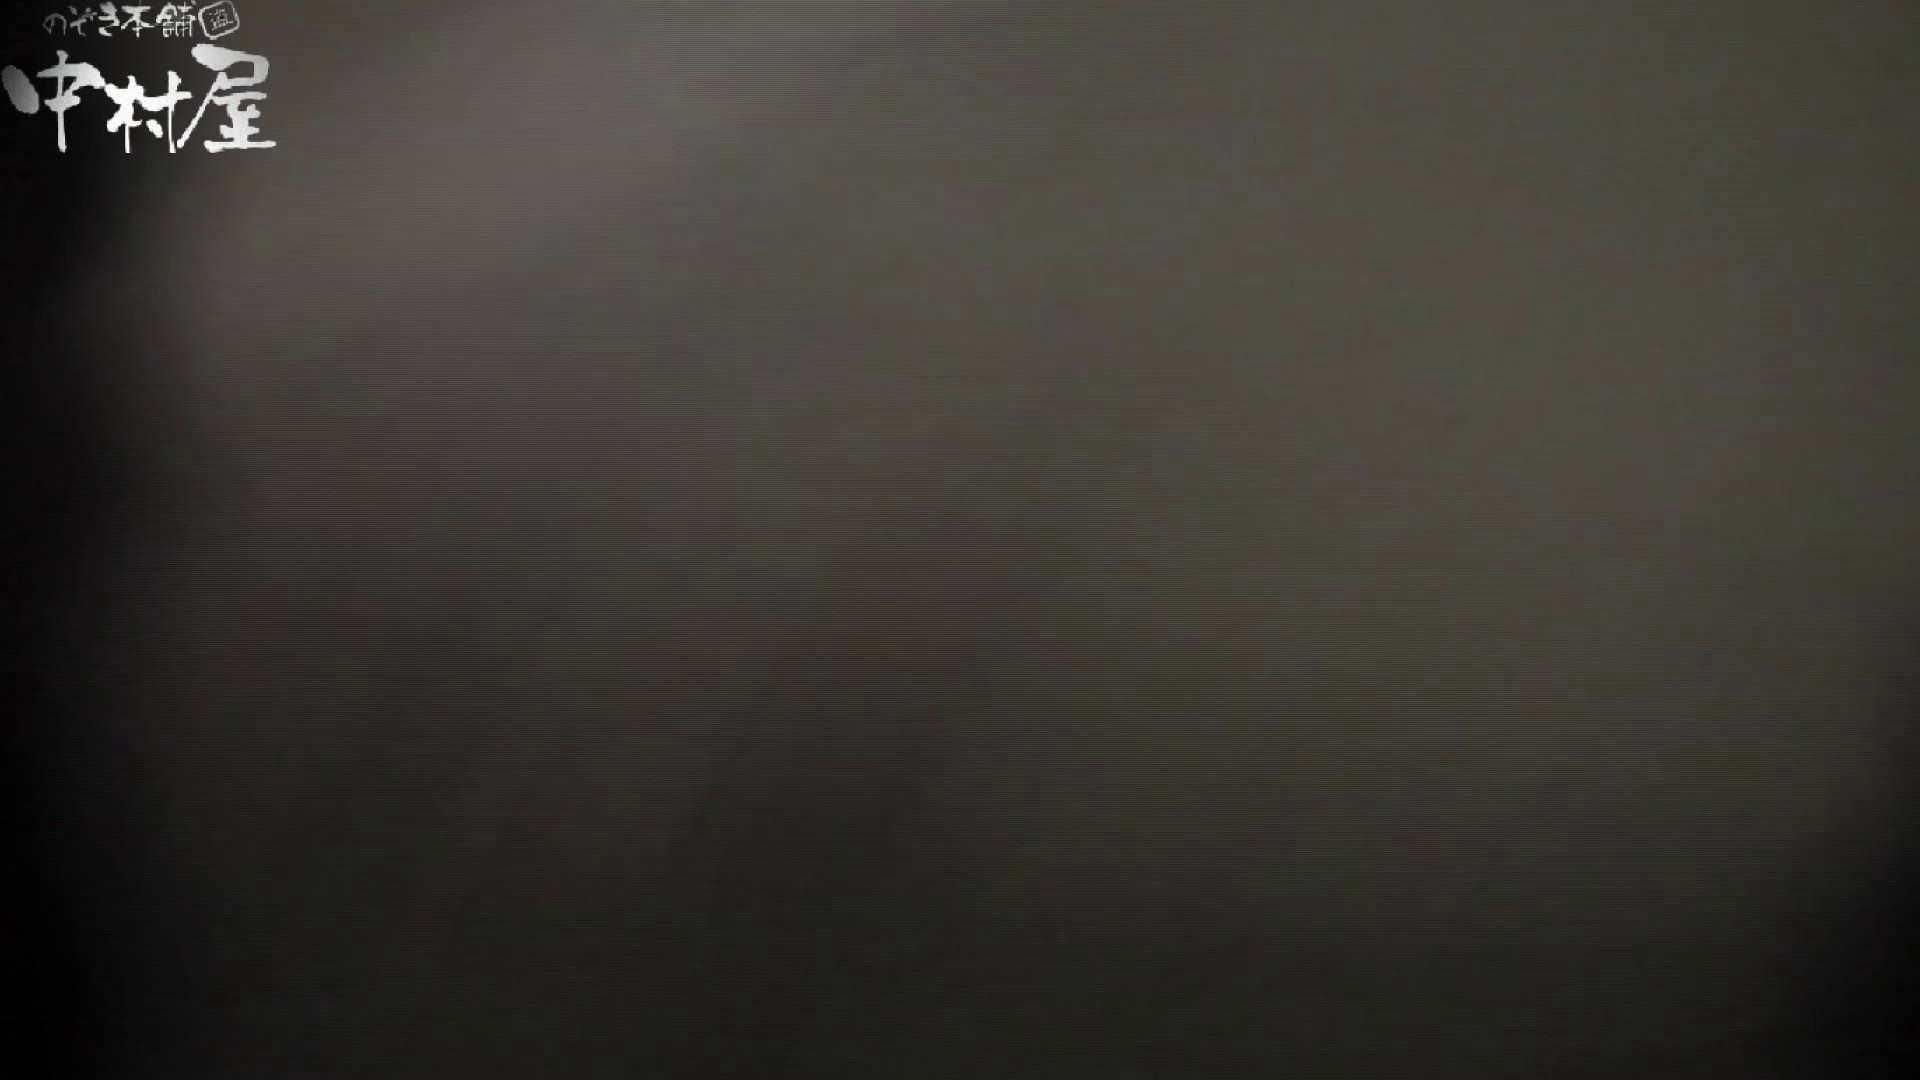 世界の射窓から vol.45 尻出しスマホ 前編 洗面所編 | 0  102PIX 31